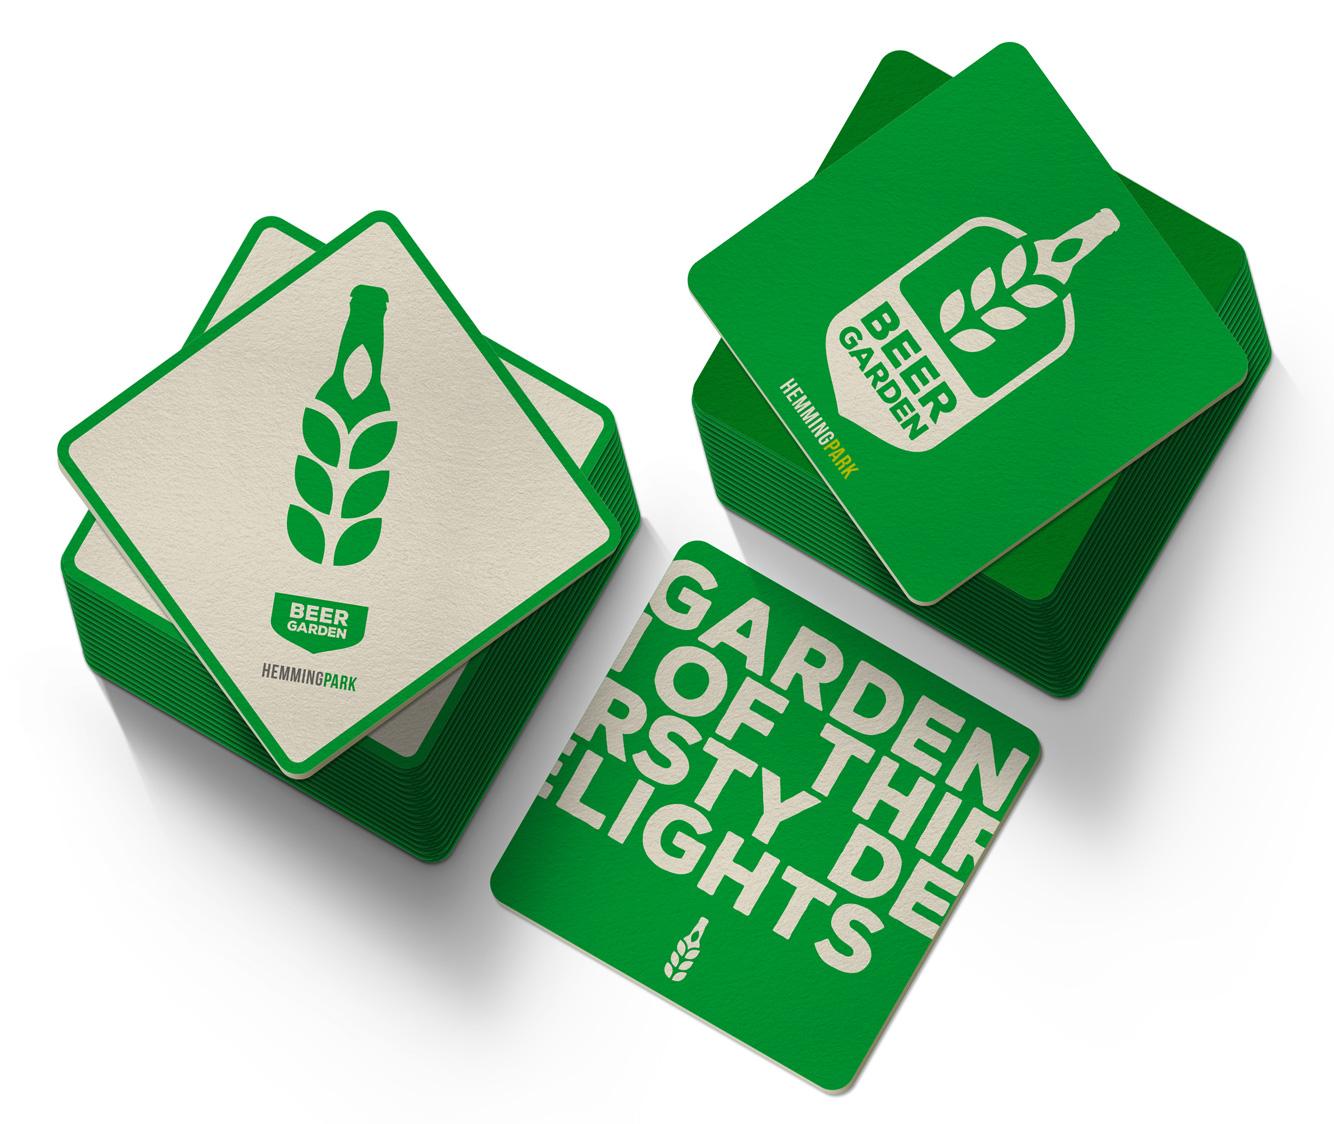 Beer Garden coasters